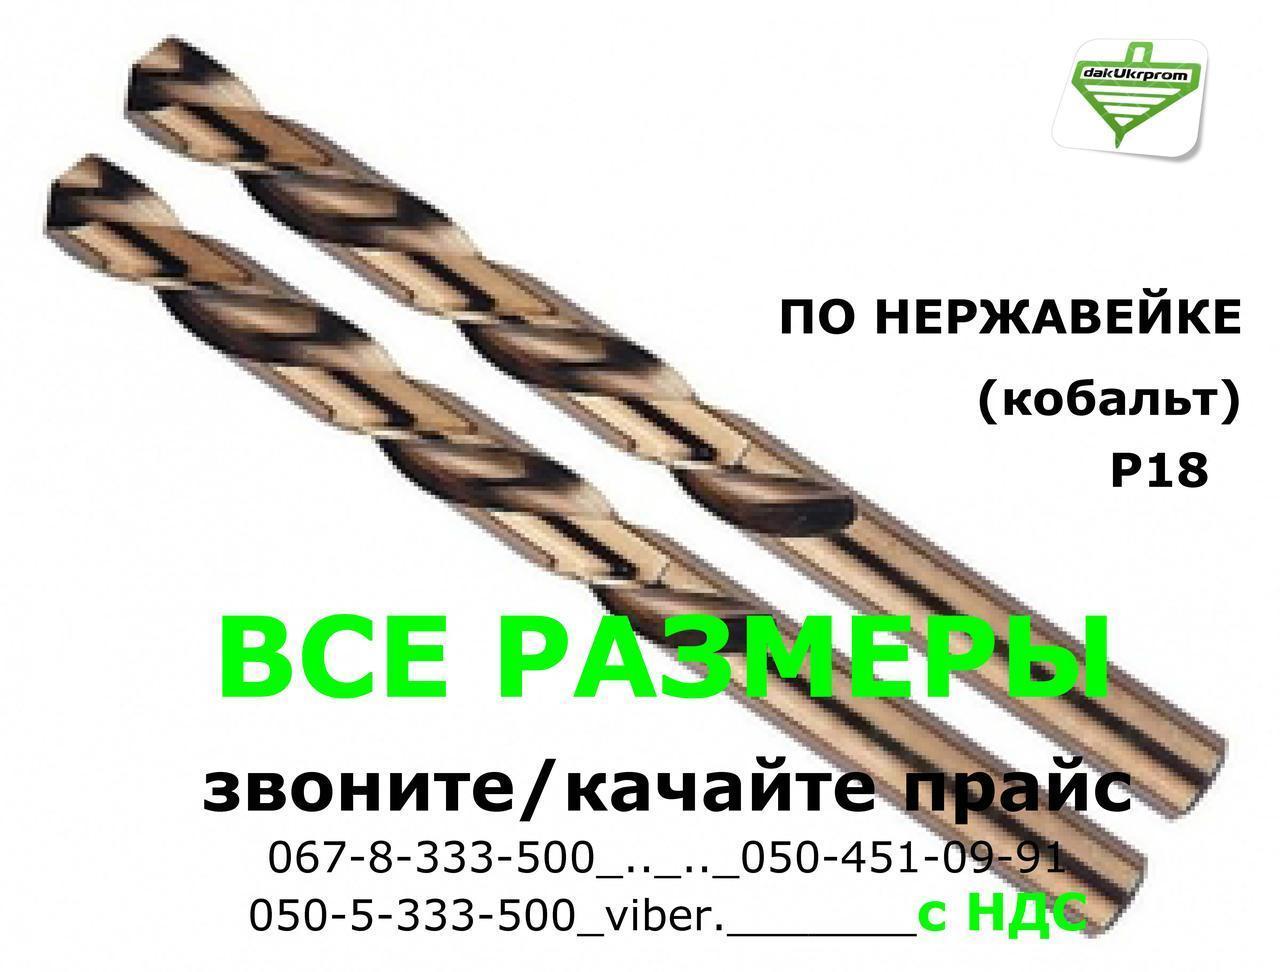 Сверло по нержавейке Р18 - 3,8 мм, (кобальт) промышленного назначения ГОСТ-10902 (DIN338 G-Co)